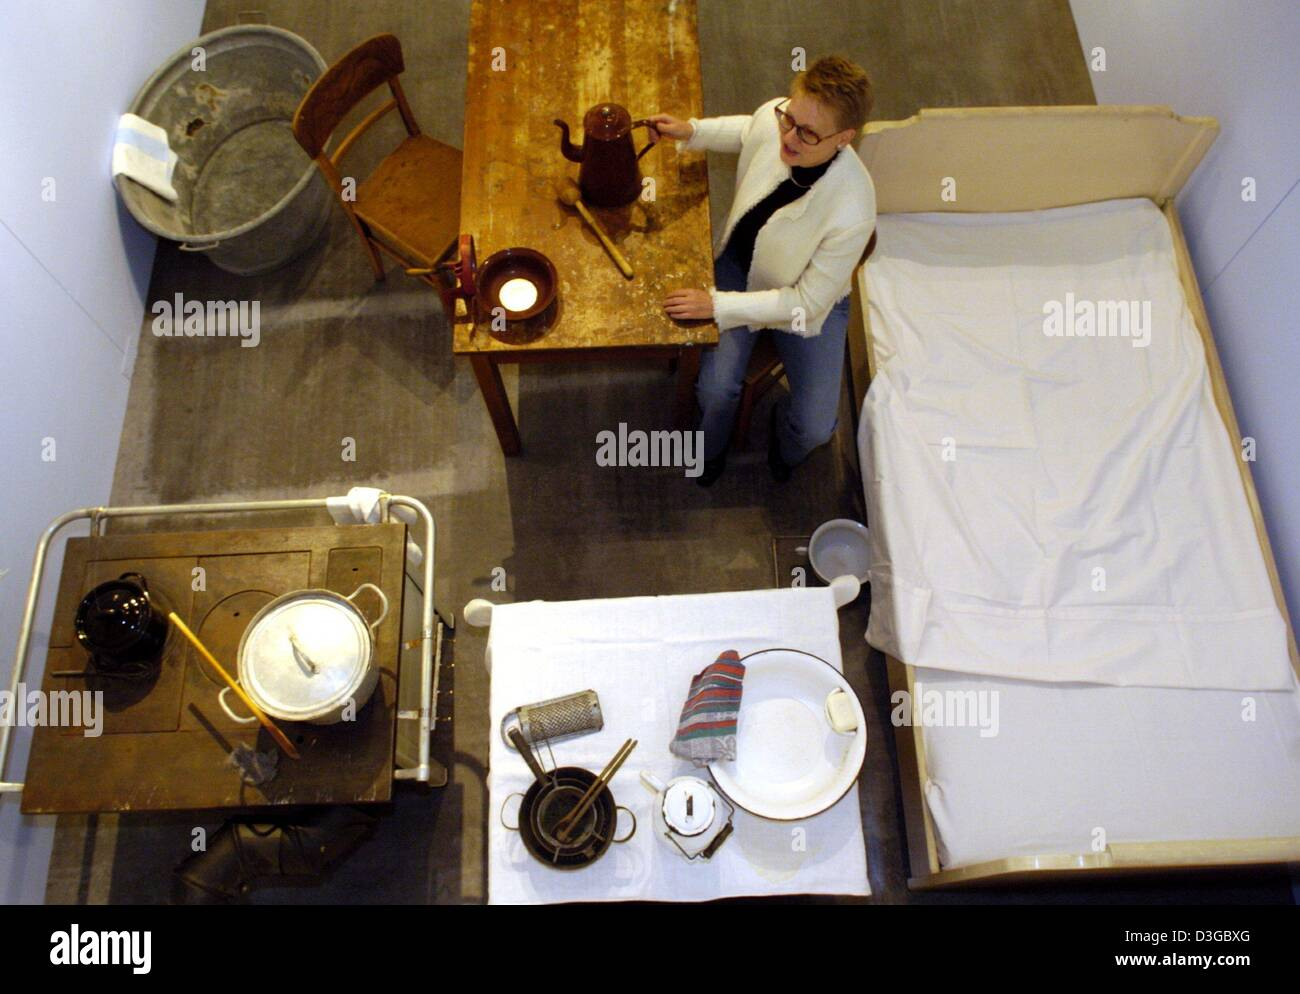 Dpa) - Messeleiterin Bettina Rinke sitzt in einem Notfall Küche von ...